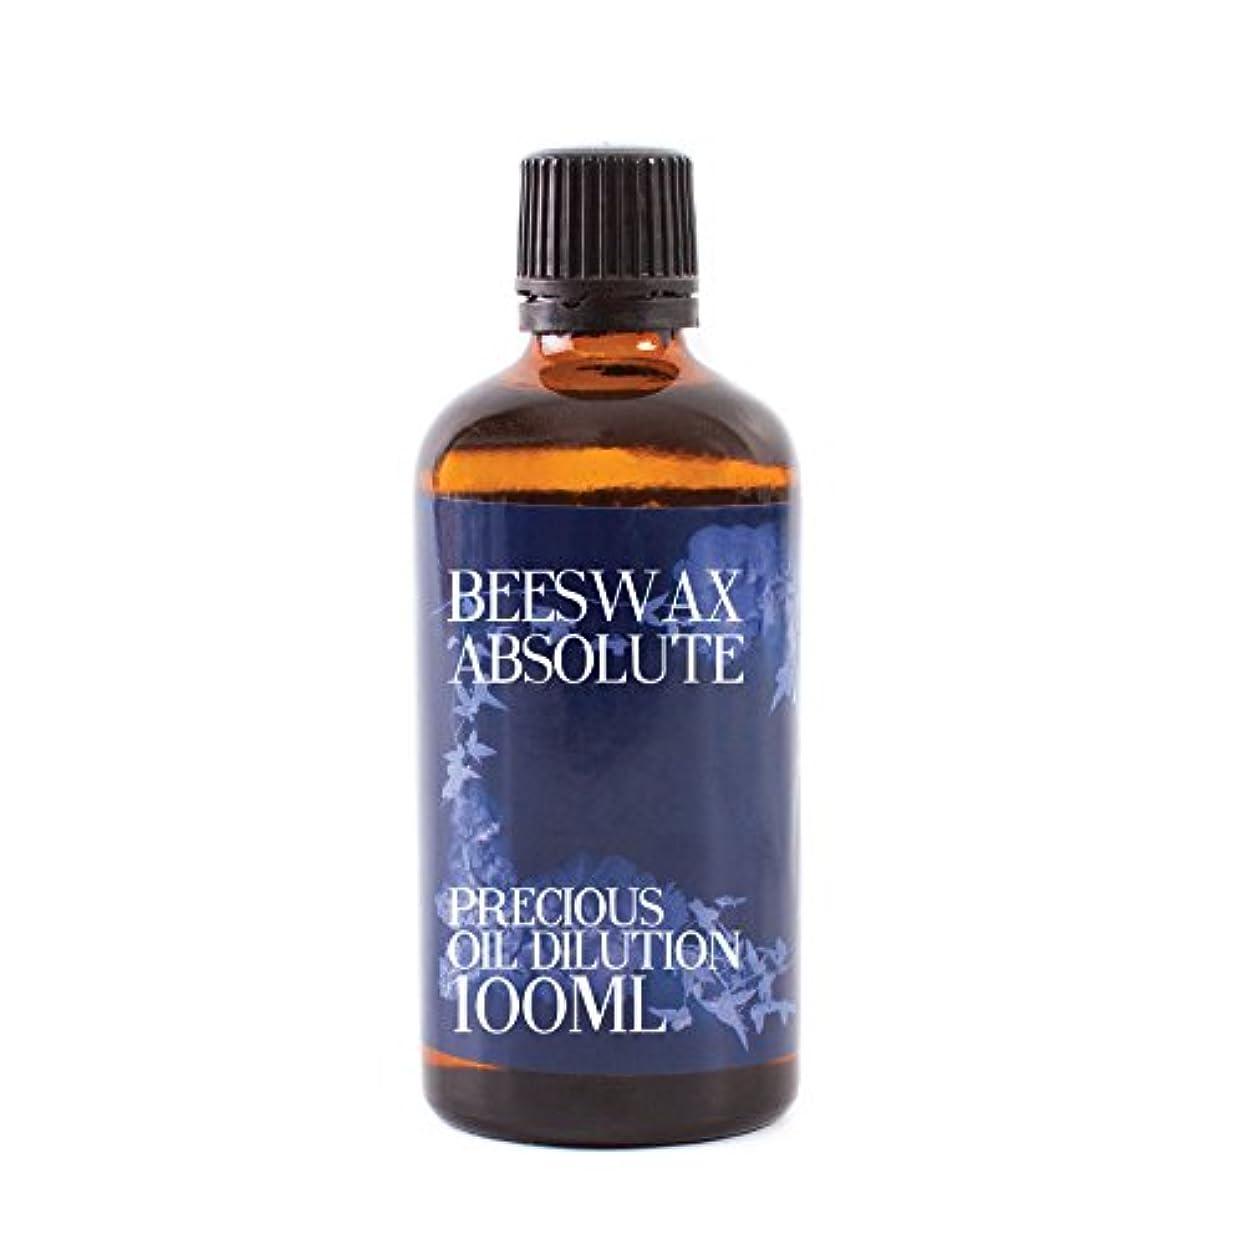 検出器どっち正統派Beeswax Absolute Oil Dilution - 100ml